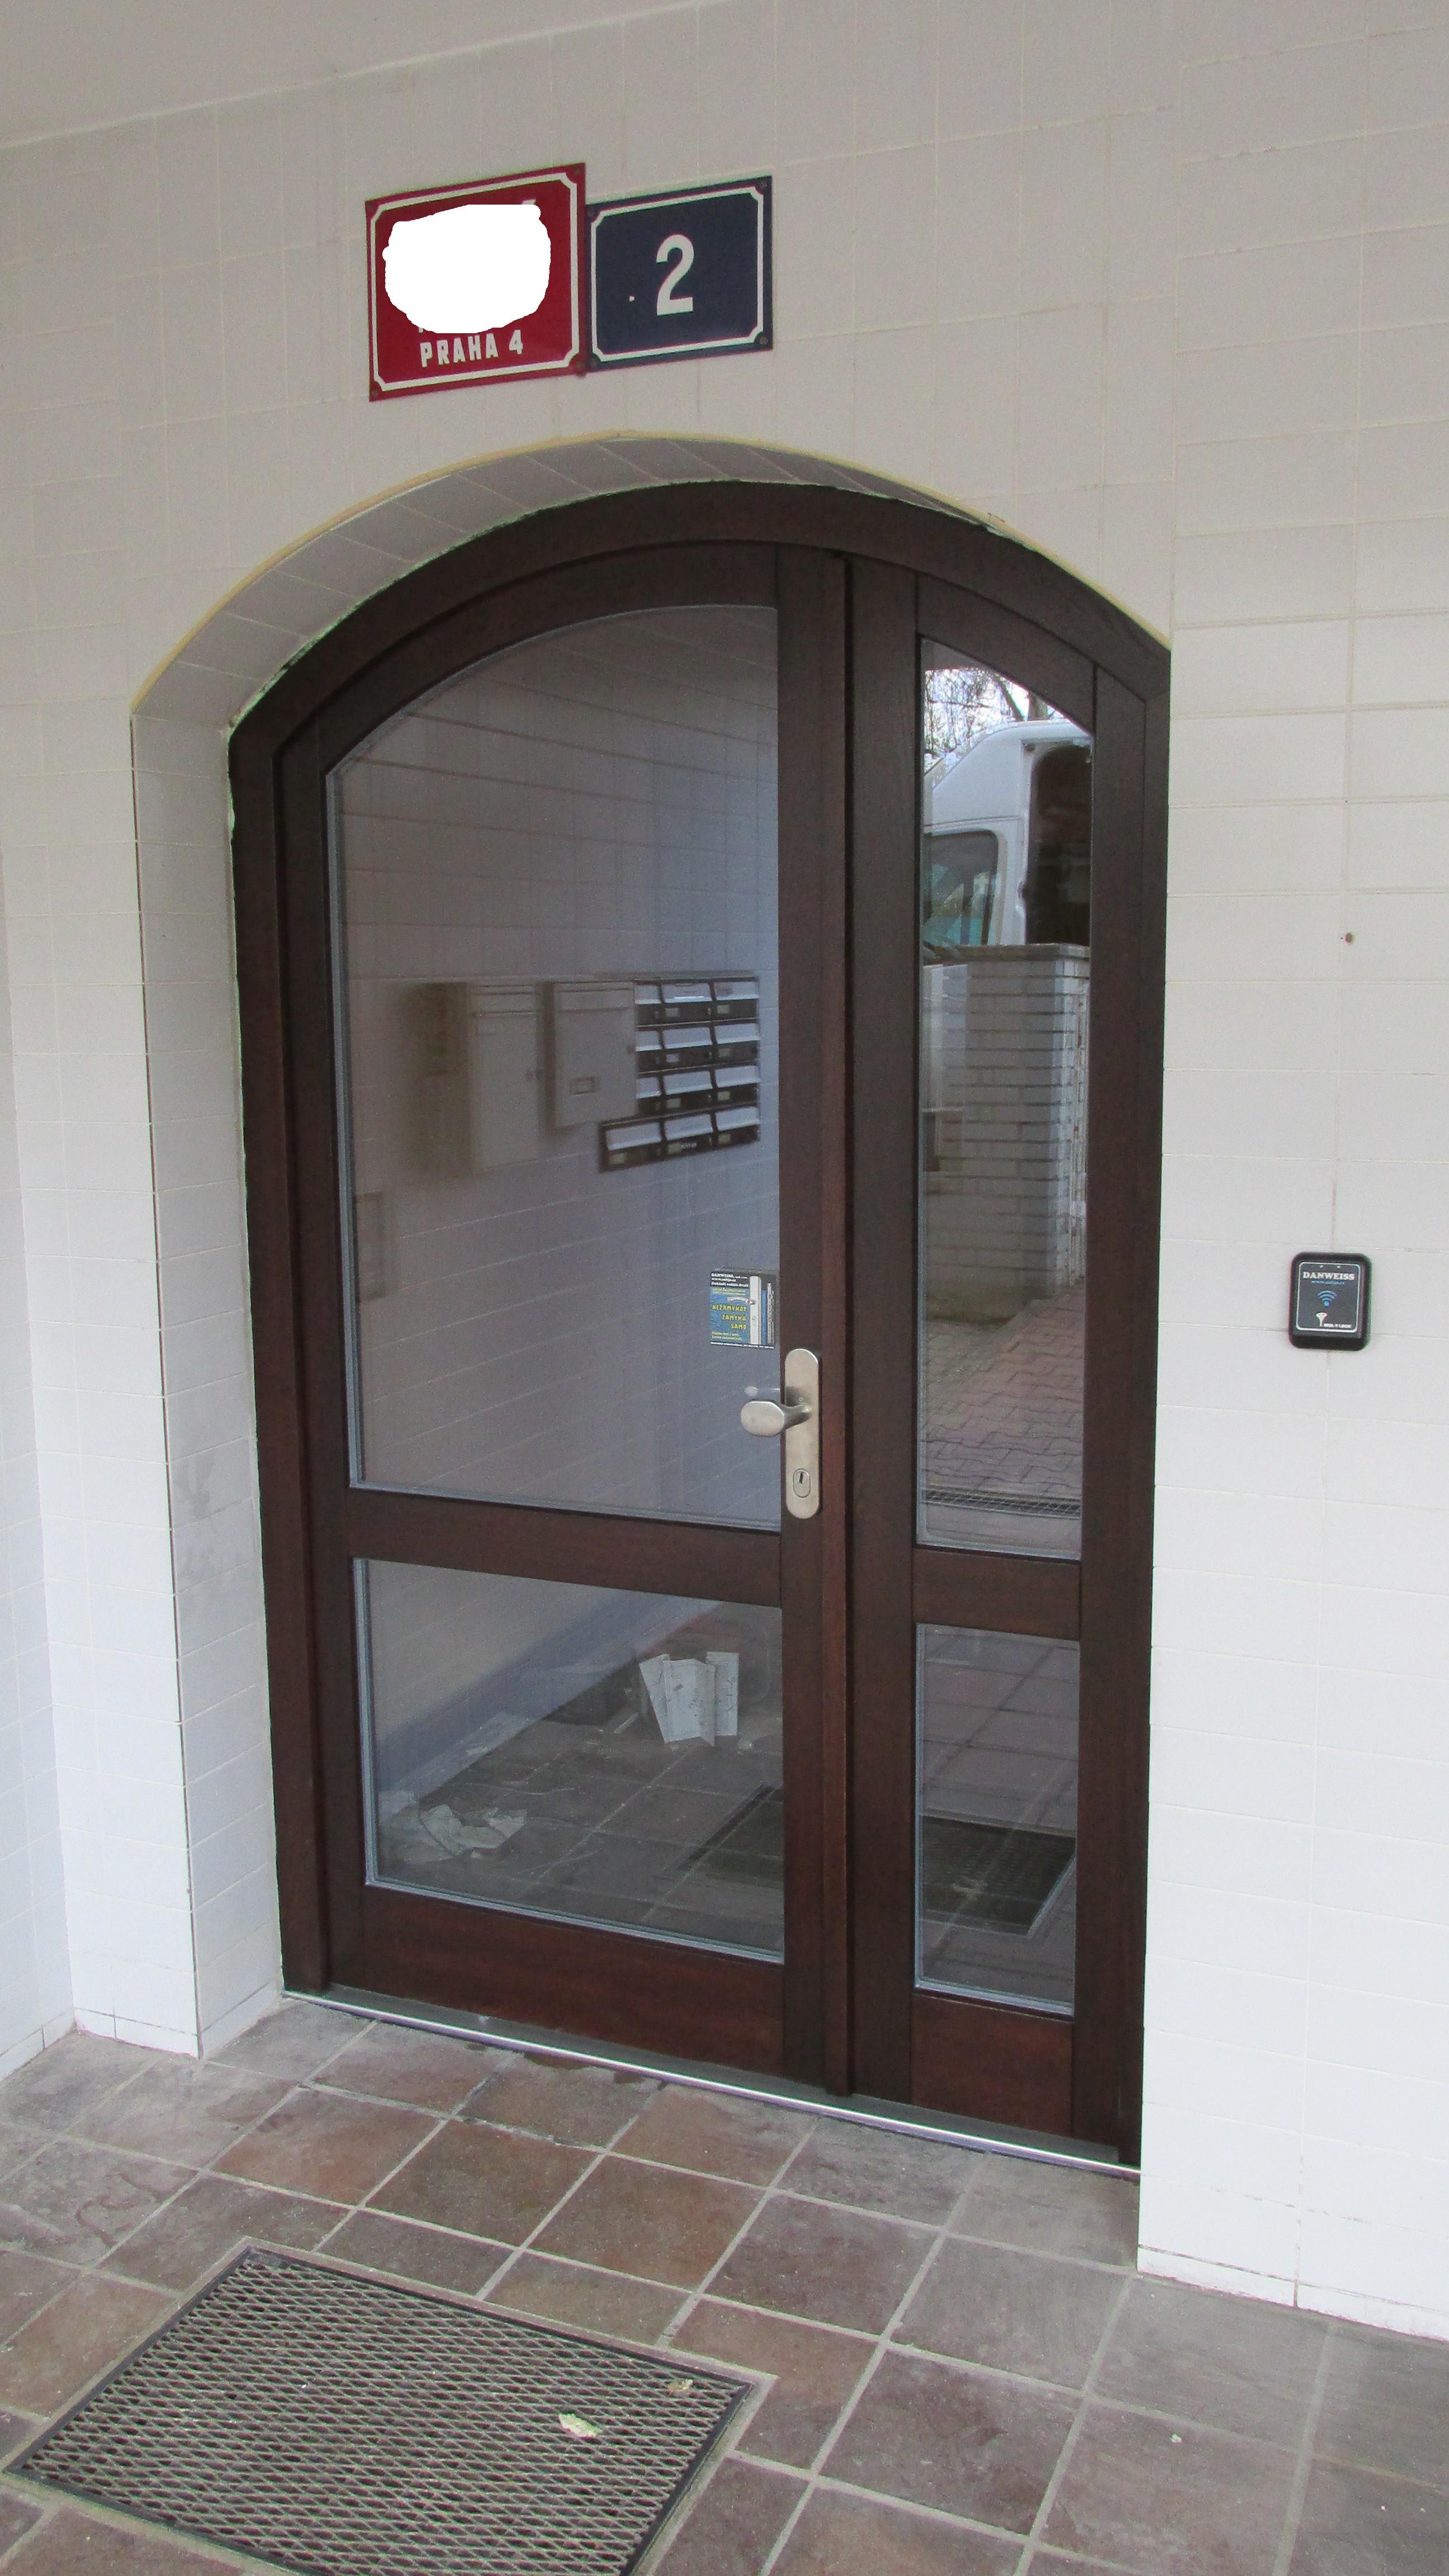 Výměna za dubové dveře s podlahovým zavíračem GEZE + zámek 3bod Automatic GU